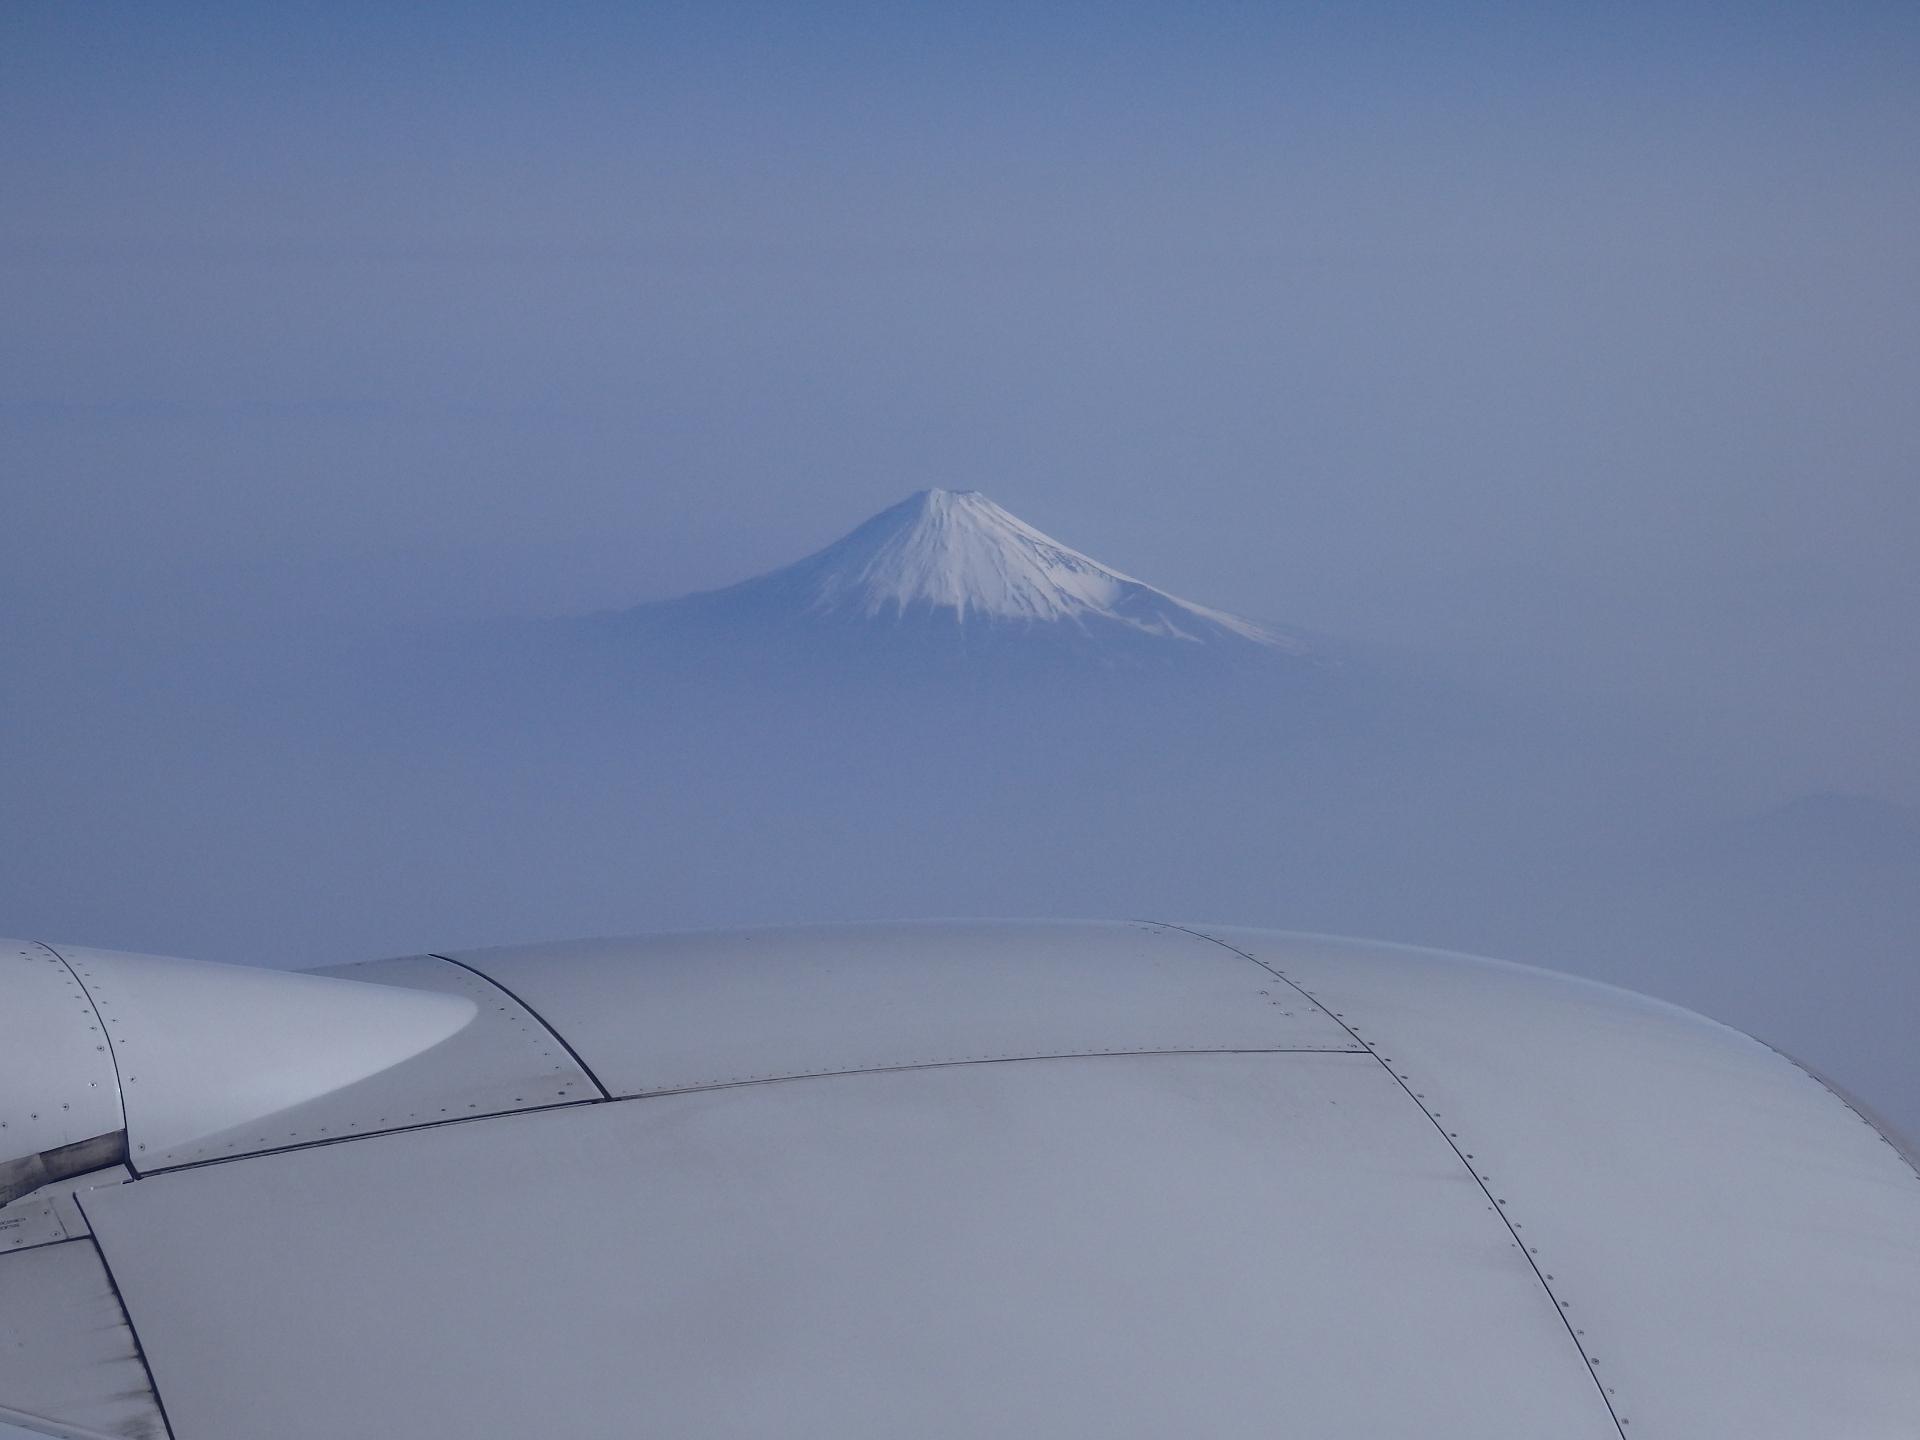 機上から見た富士山です。